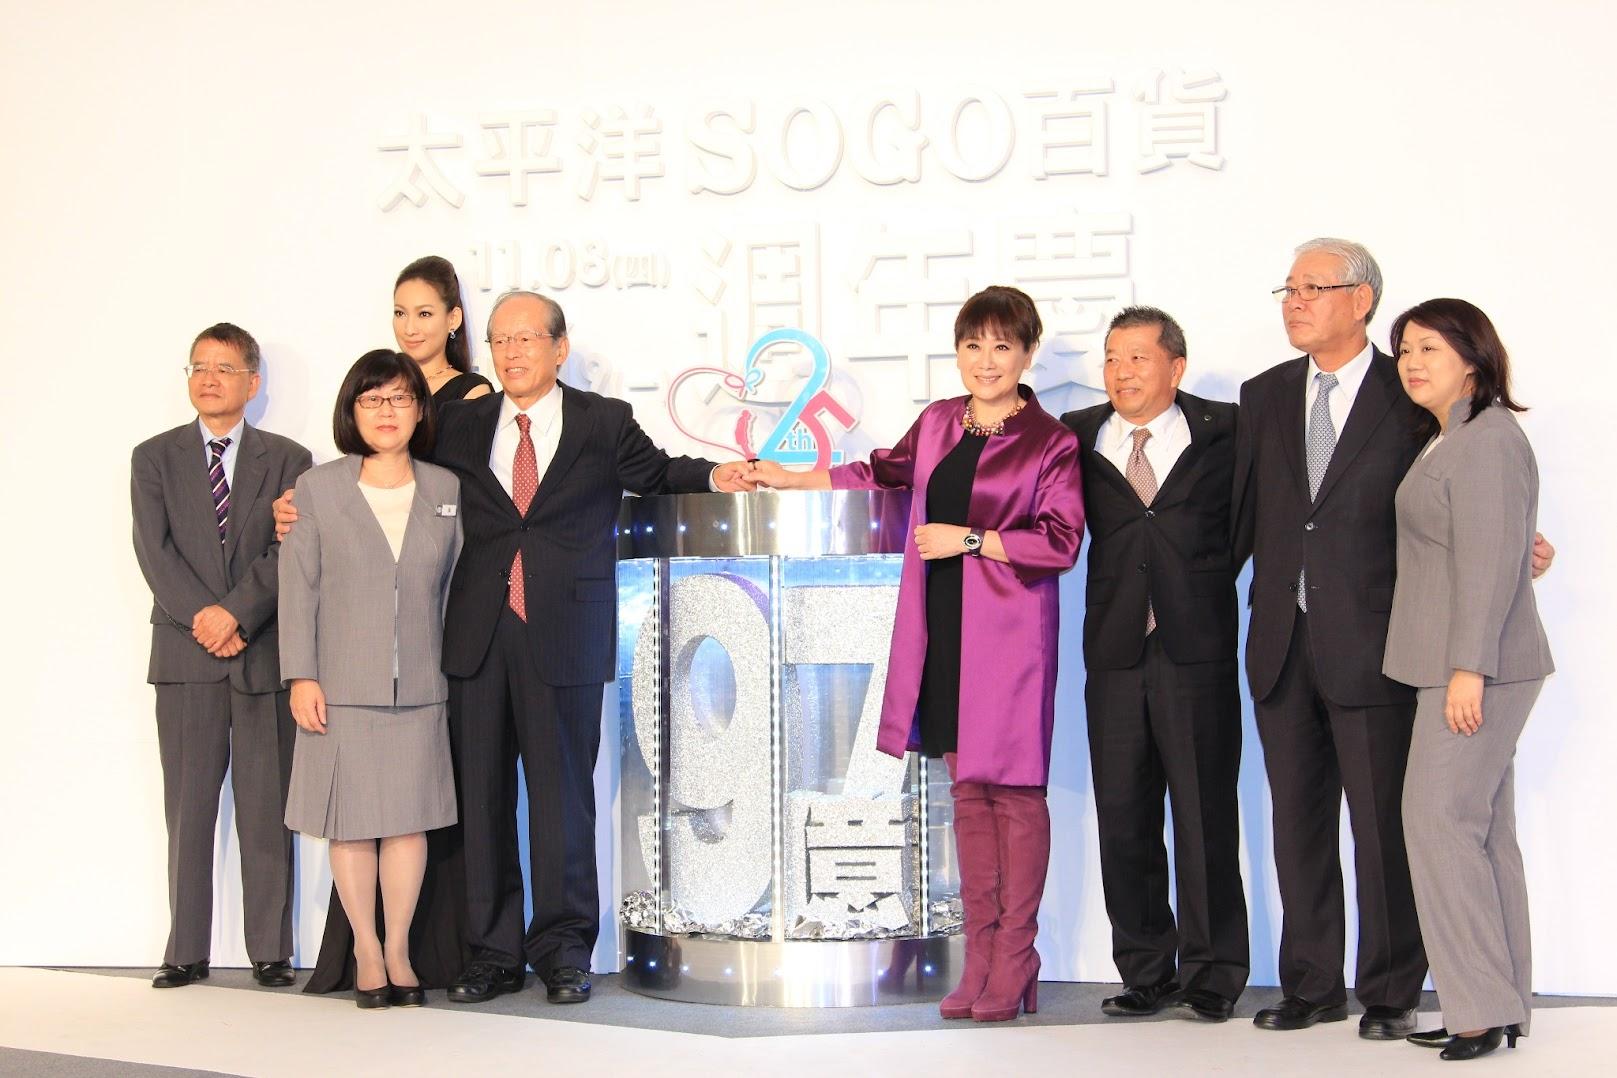 *全台百貨周年慶:太平洋SOGO 25周年慶「衝向97億」! 1